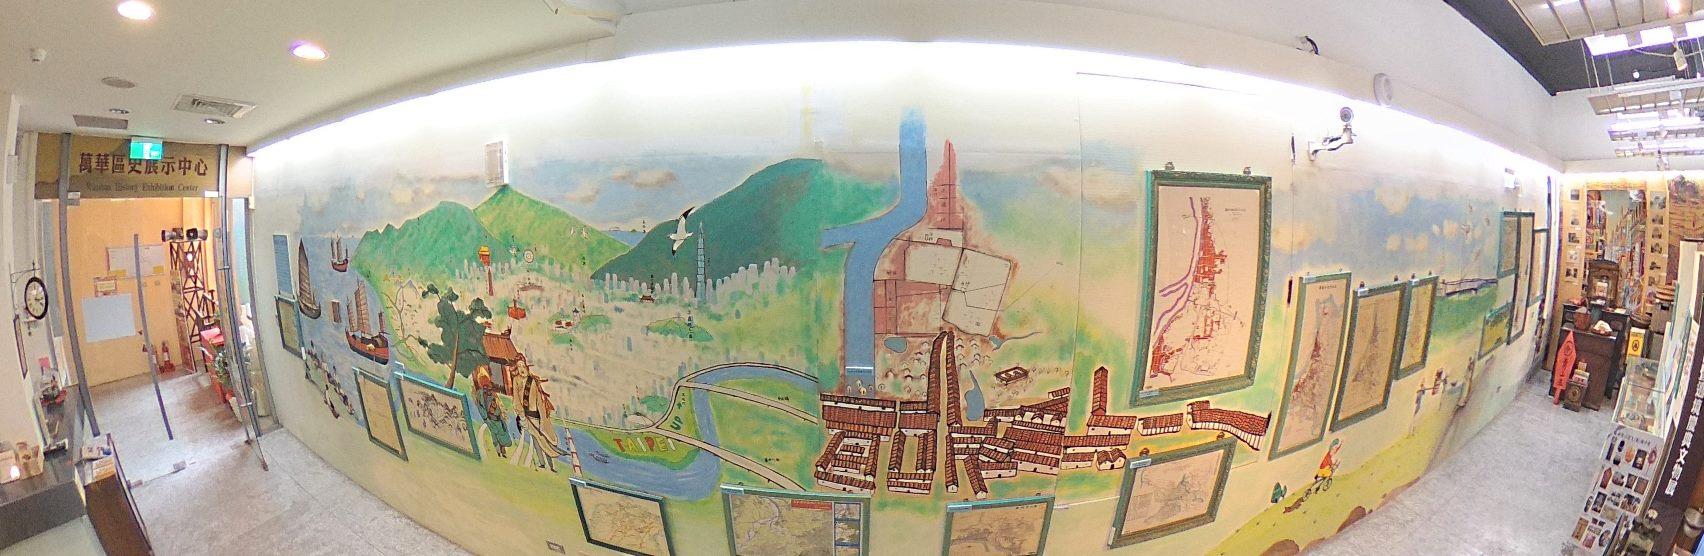 圖說臺北與萬華藉由牆面的彩繪呈現北臺、臺北,乃至於萬華這三百年來的時空發展脈絡